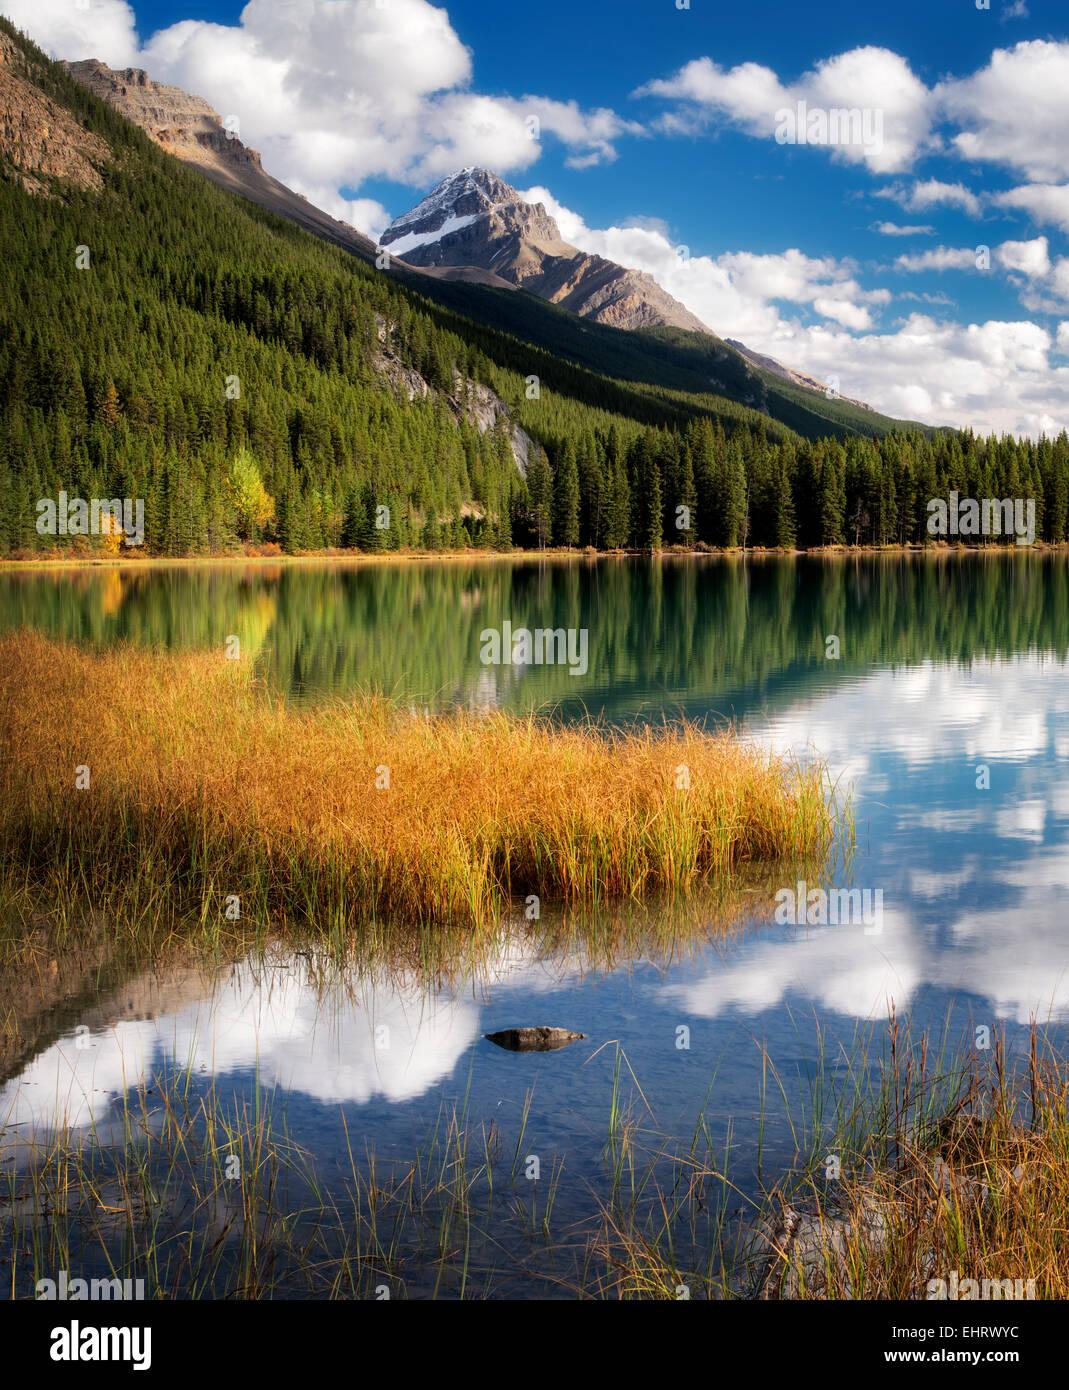 Les nuages et la réflexion dans les lacs de la sauvagine. Le parc national Banff. L'Alberta. Le Canada. Photo Stock